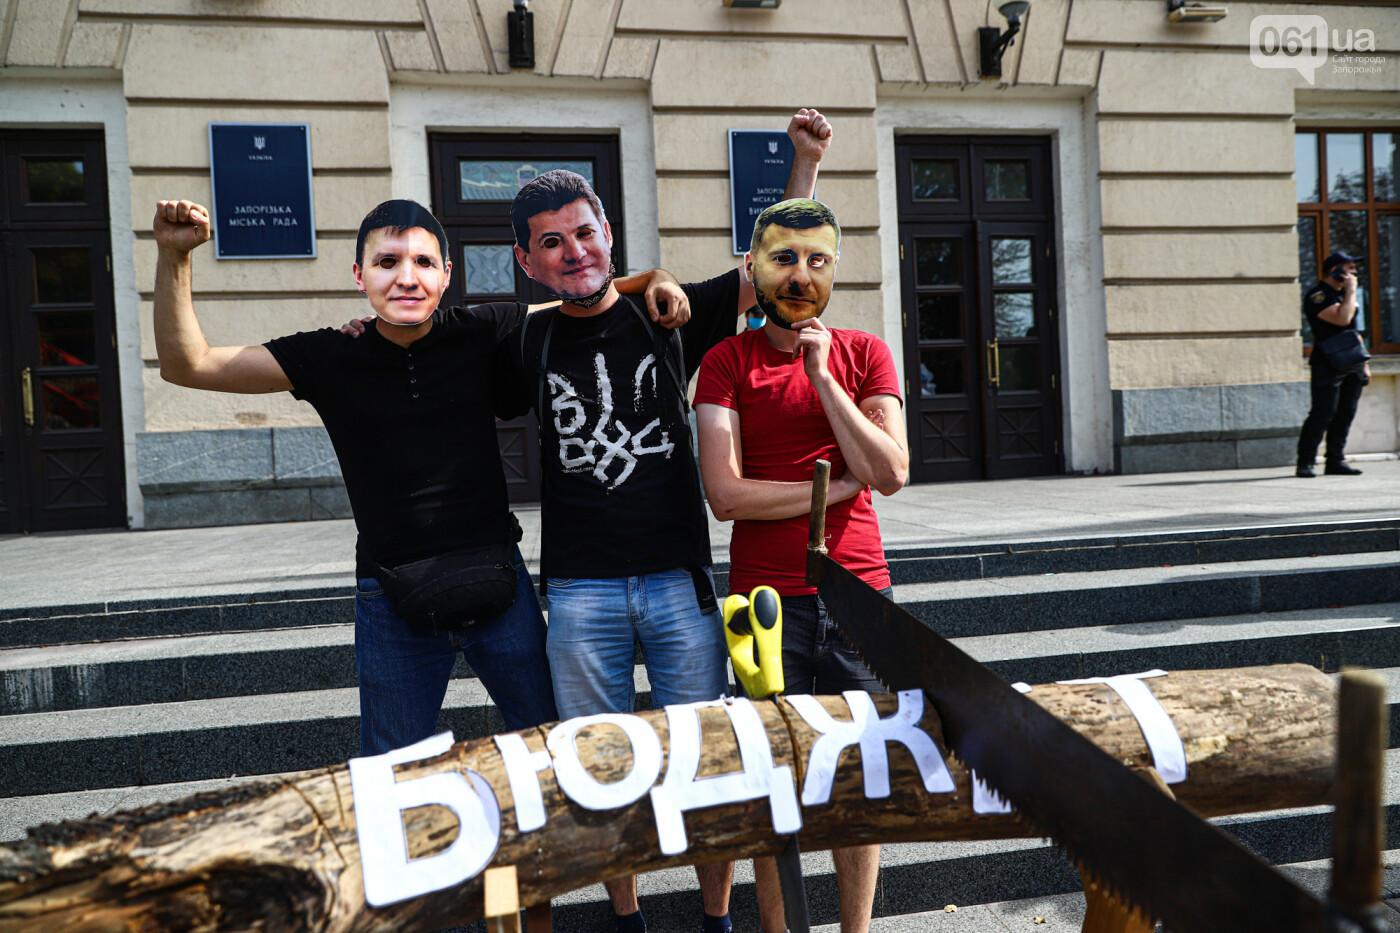 С пилами и в масках: в Запорожье возле мэрии активисты показали, как распиливают городской бюджет, - ФОТОРЕПОРТАЖ, фото-18